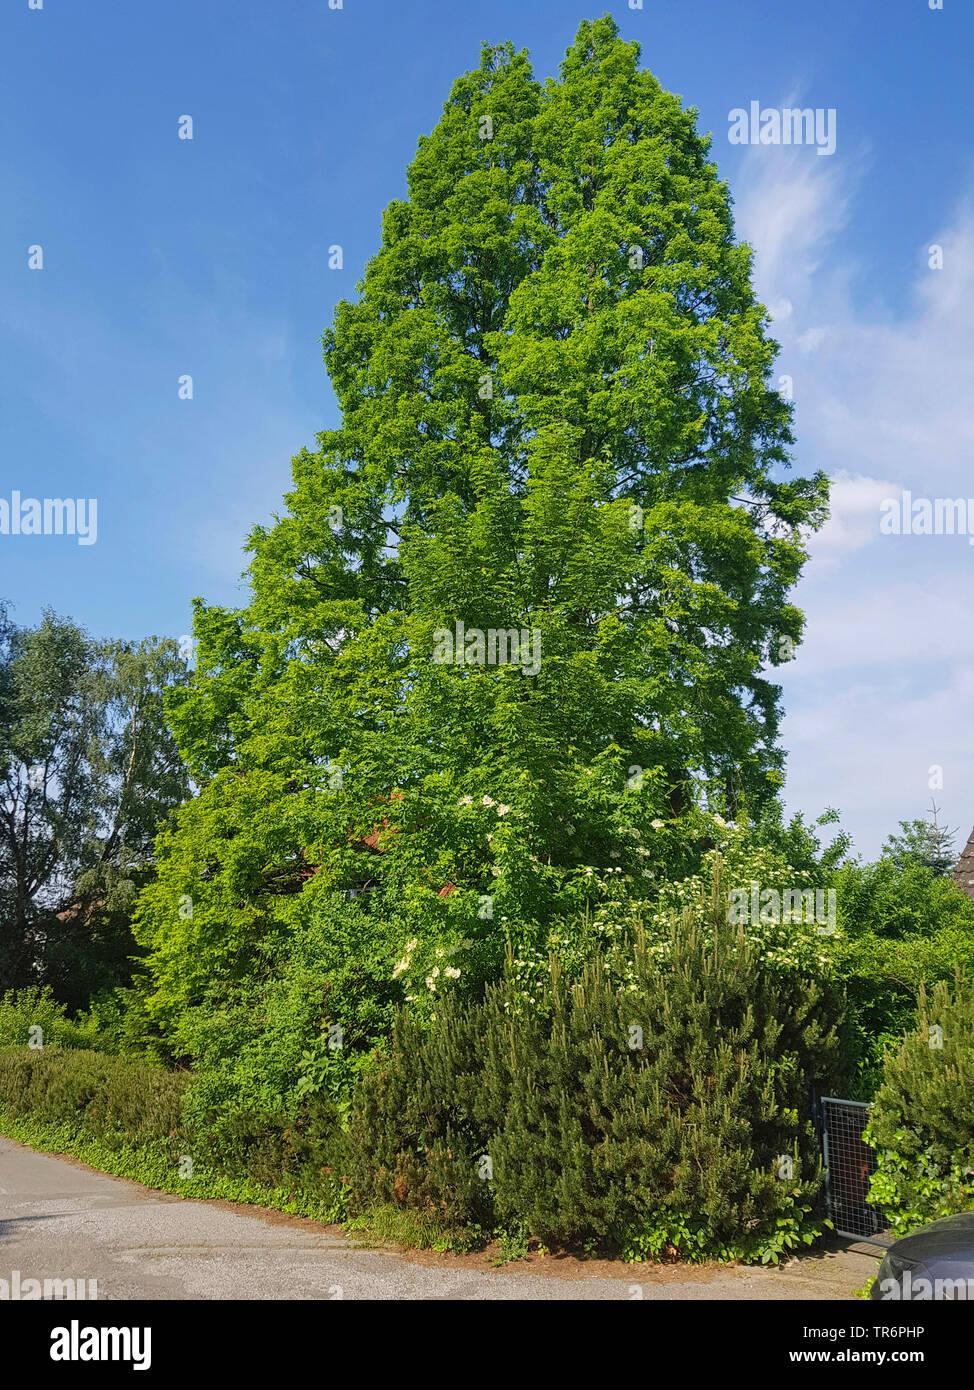 Urwelt-Mammutbaum, Urweltmammutbaum, Mammutbaum, Chinesisches Rotholz, Metasequoie (Metasequoia glyptostroboides), in einem Vorgarten, Deutschland | d - Stock Image